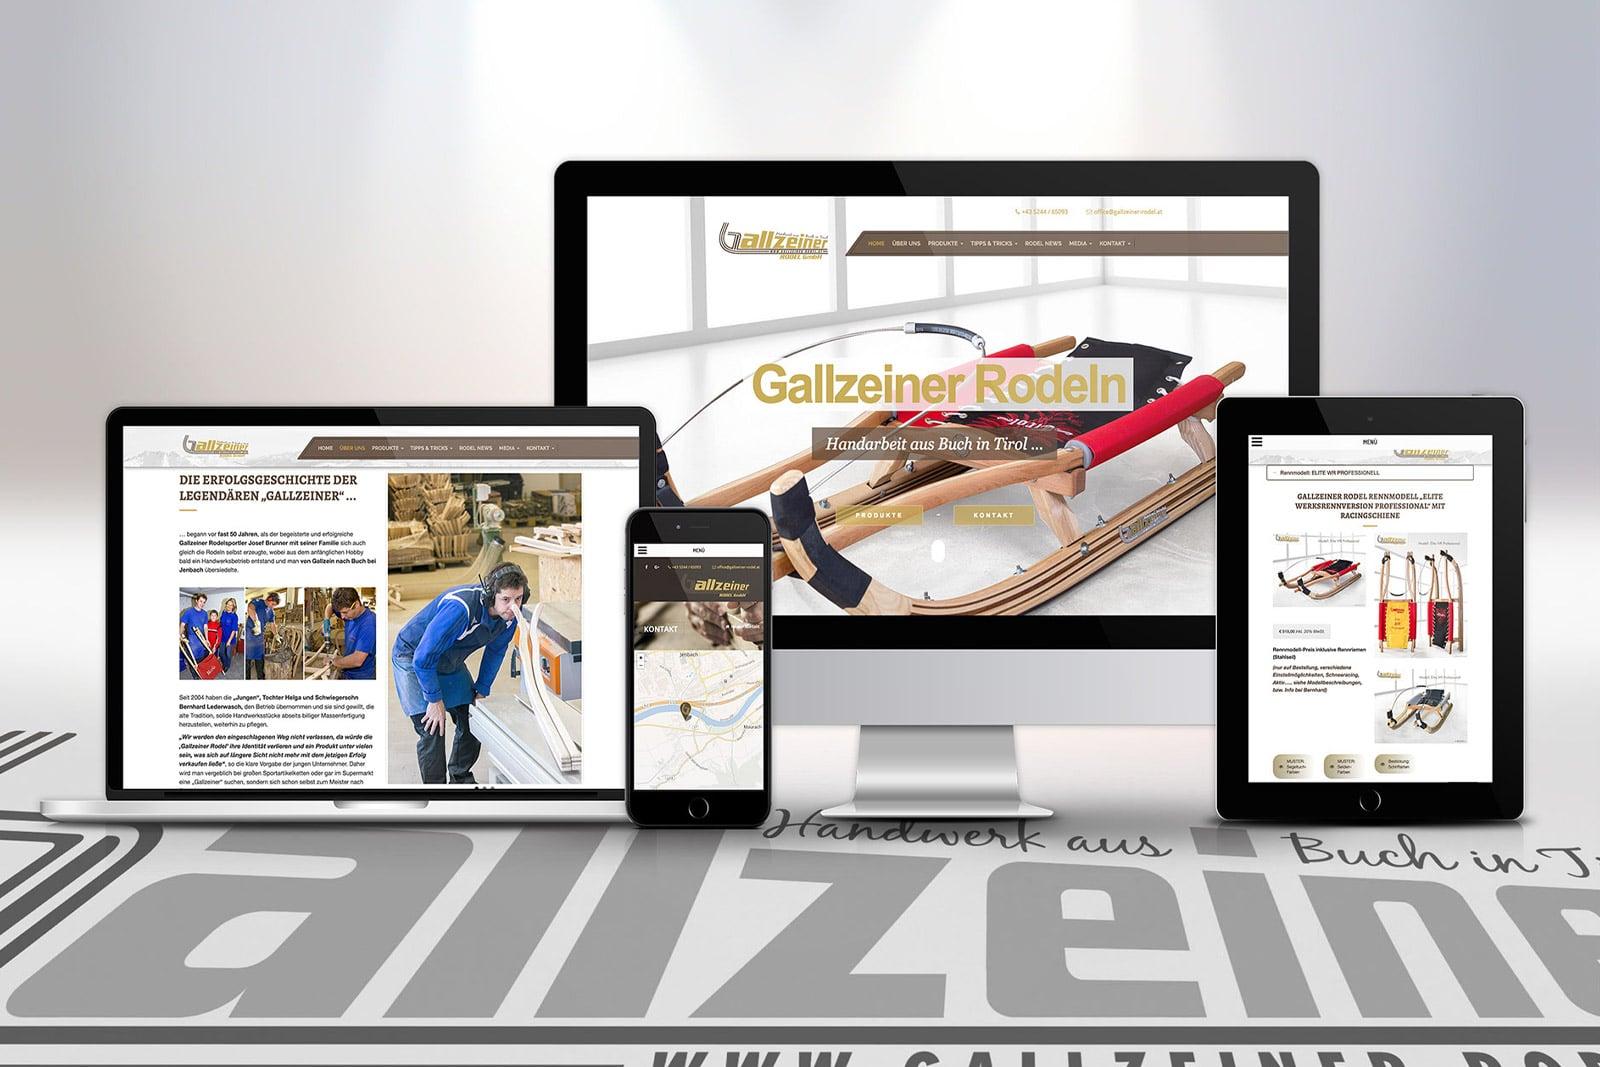 agentur 13 | Werbeagentur Tirol |Gallzeiner Webdesign